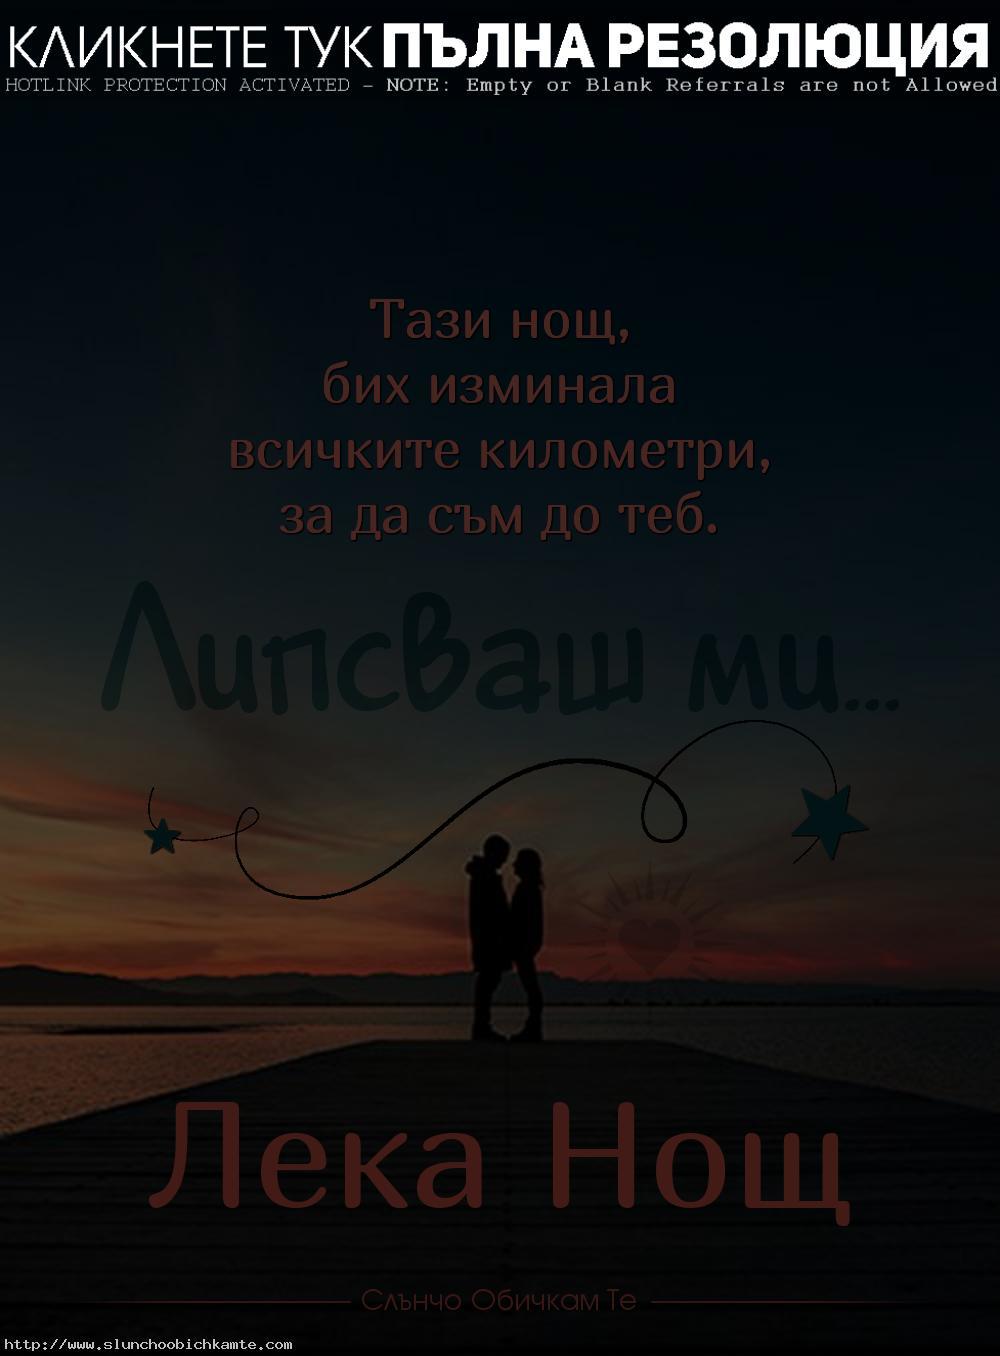 Тази нощ бих изминала всичките километри, за да съм до теб. Липсваш ми. Лека нощ - любов от разстояние, романтични пожелания за лека нощ, лека нощ любов, липсваш ми, връзка от разстояние, не мога без теб, лека нощ обичам те